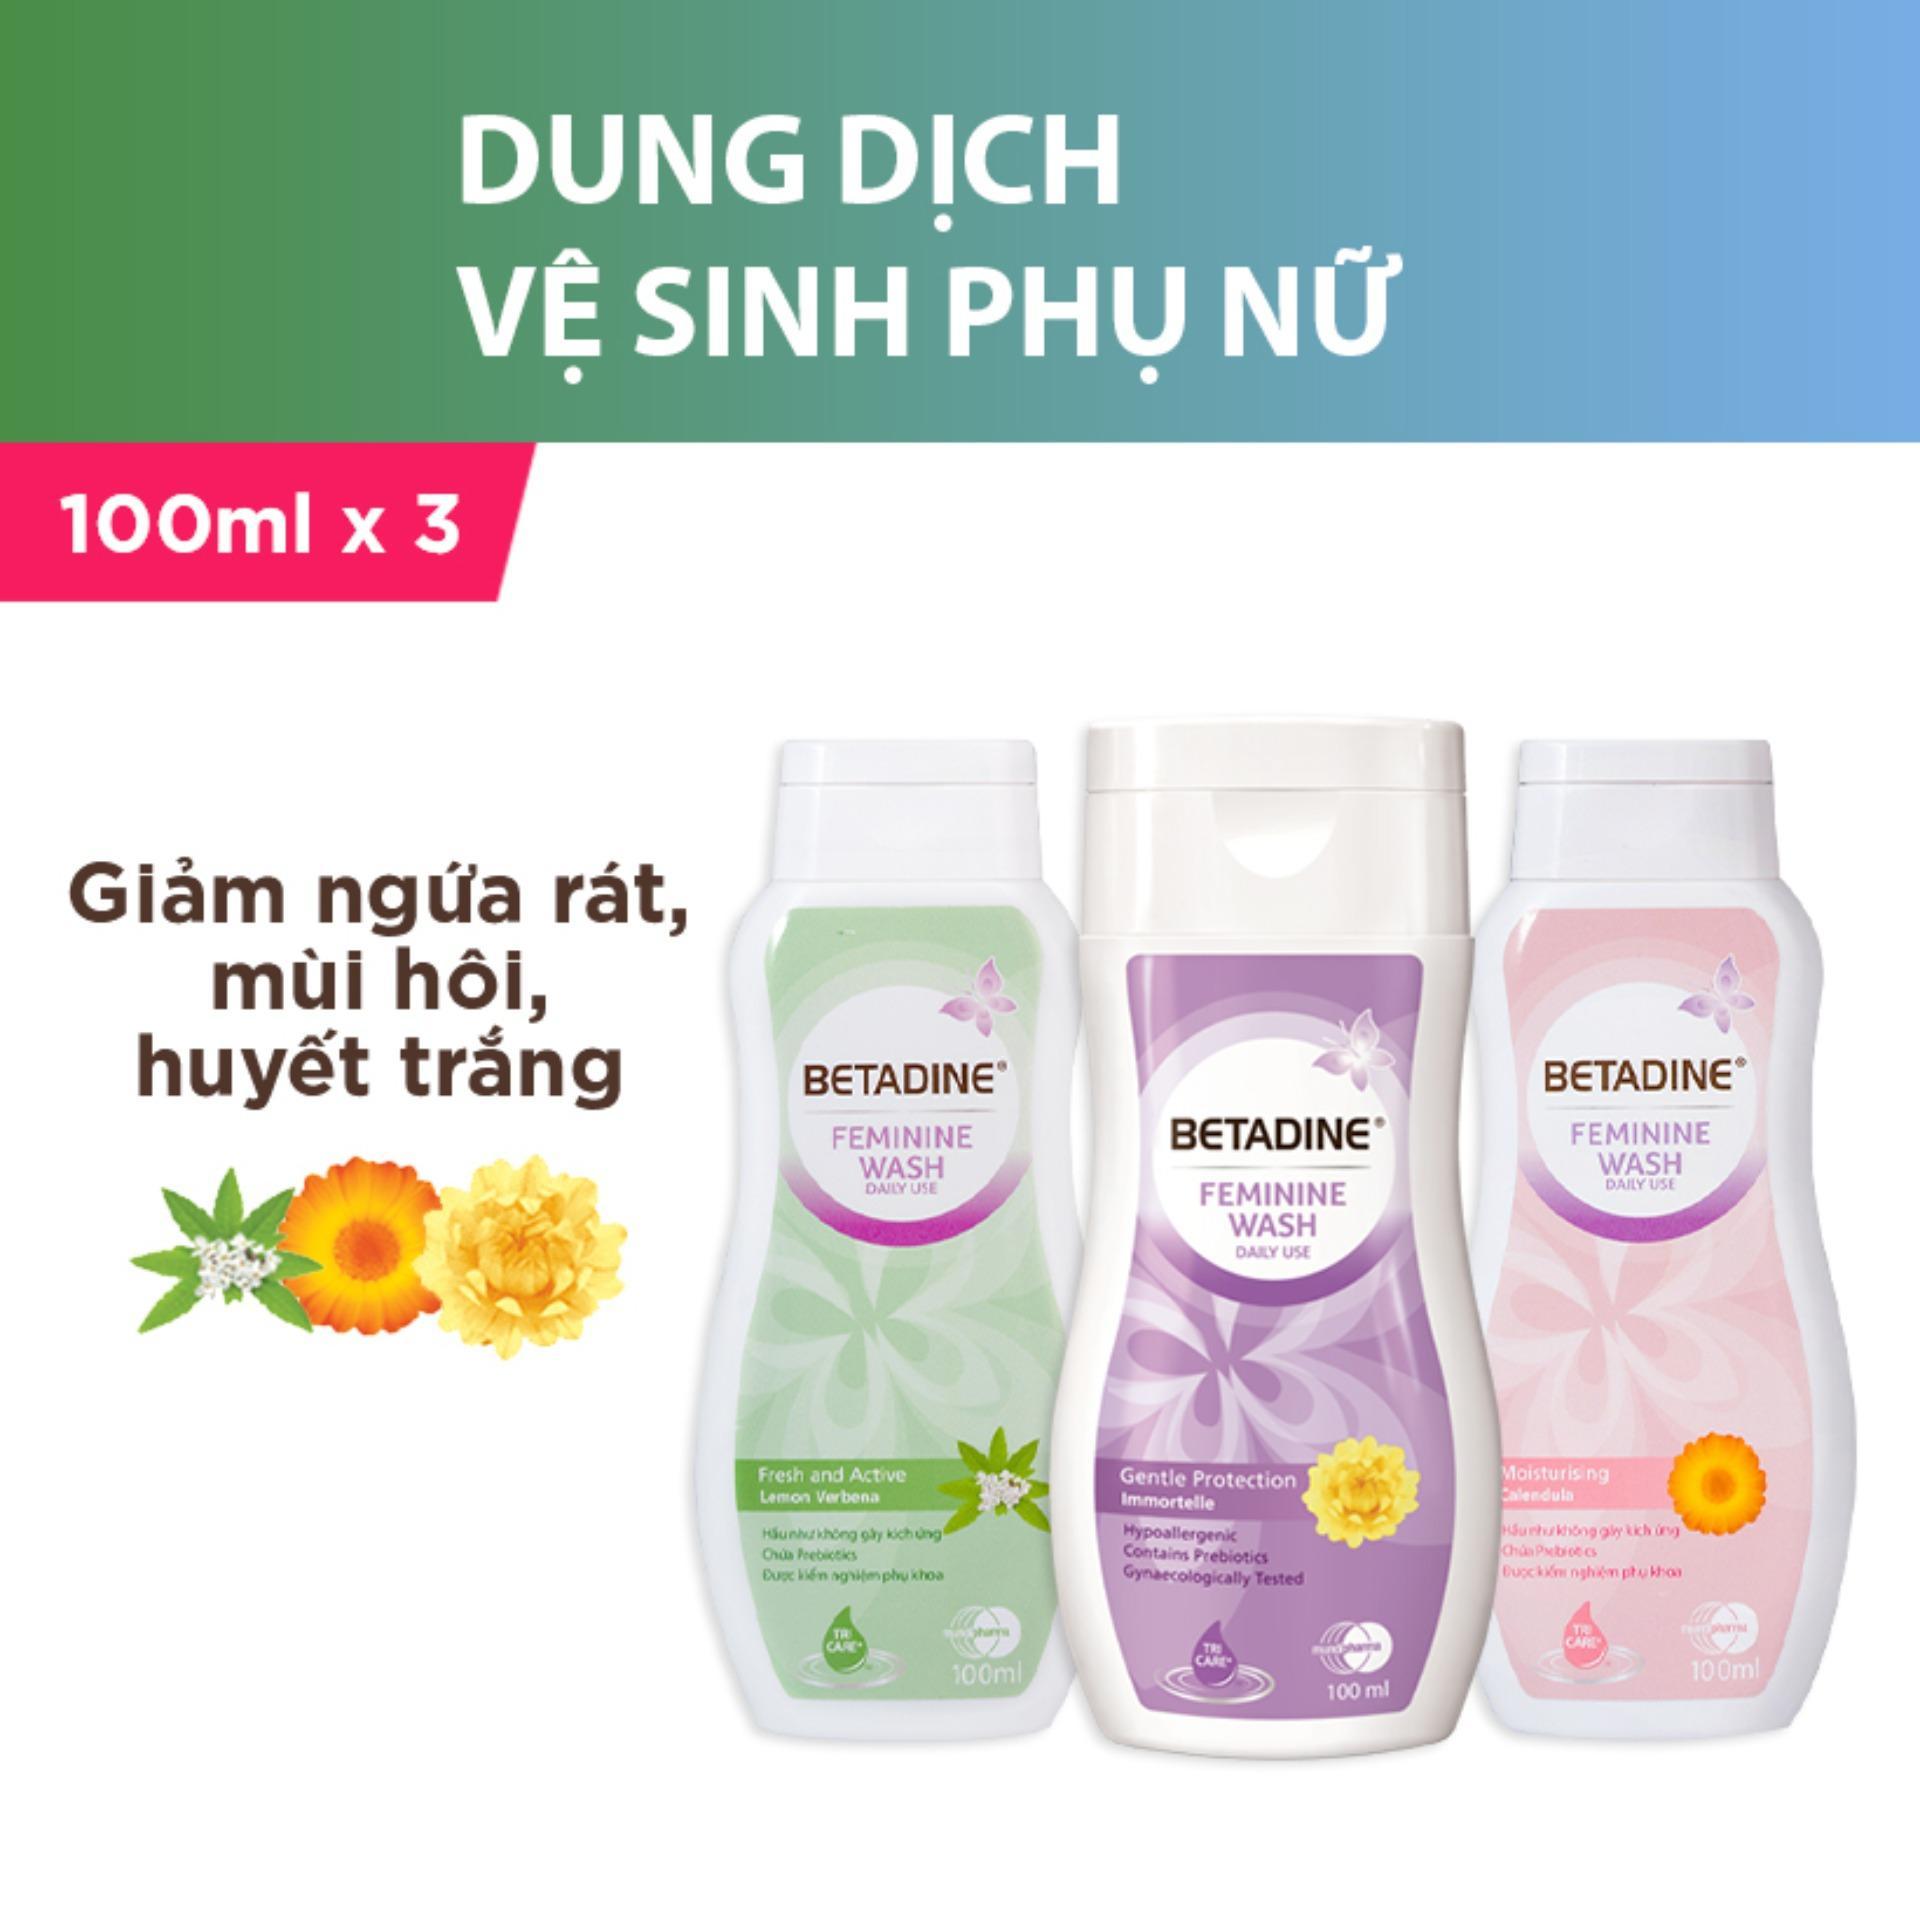 Bộ 3 dung dịch vệ sinh phụ nữ Betadine (Tím, Hồng, Xanh) - chai 100ml